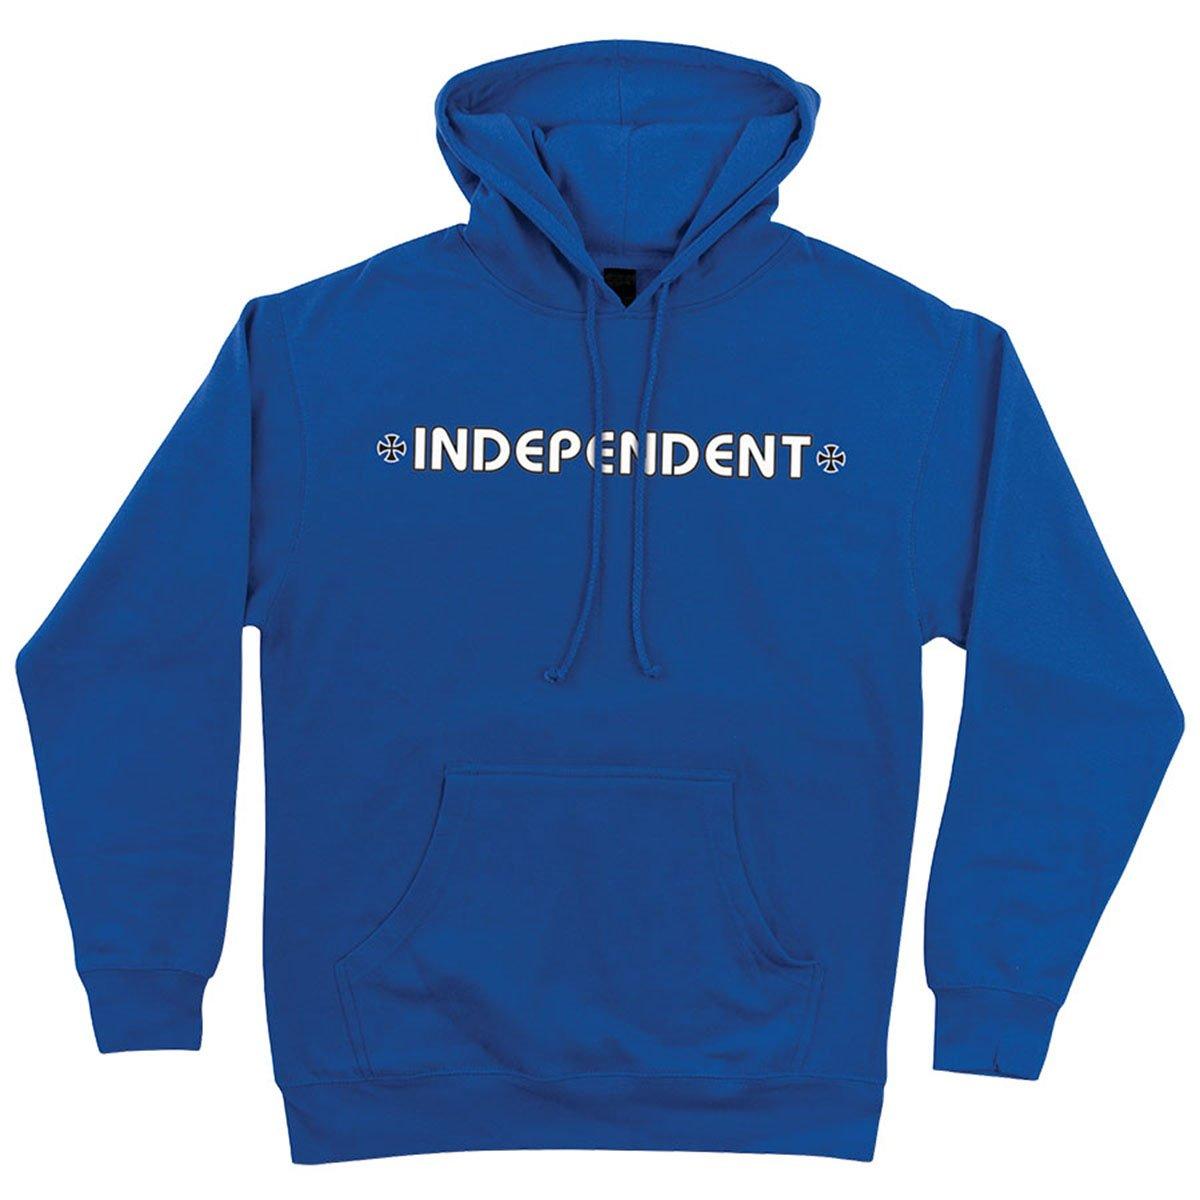 Amazon.com: Independent Men's Trucks Bar Cross Pullover Hoodie ...